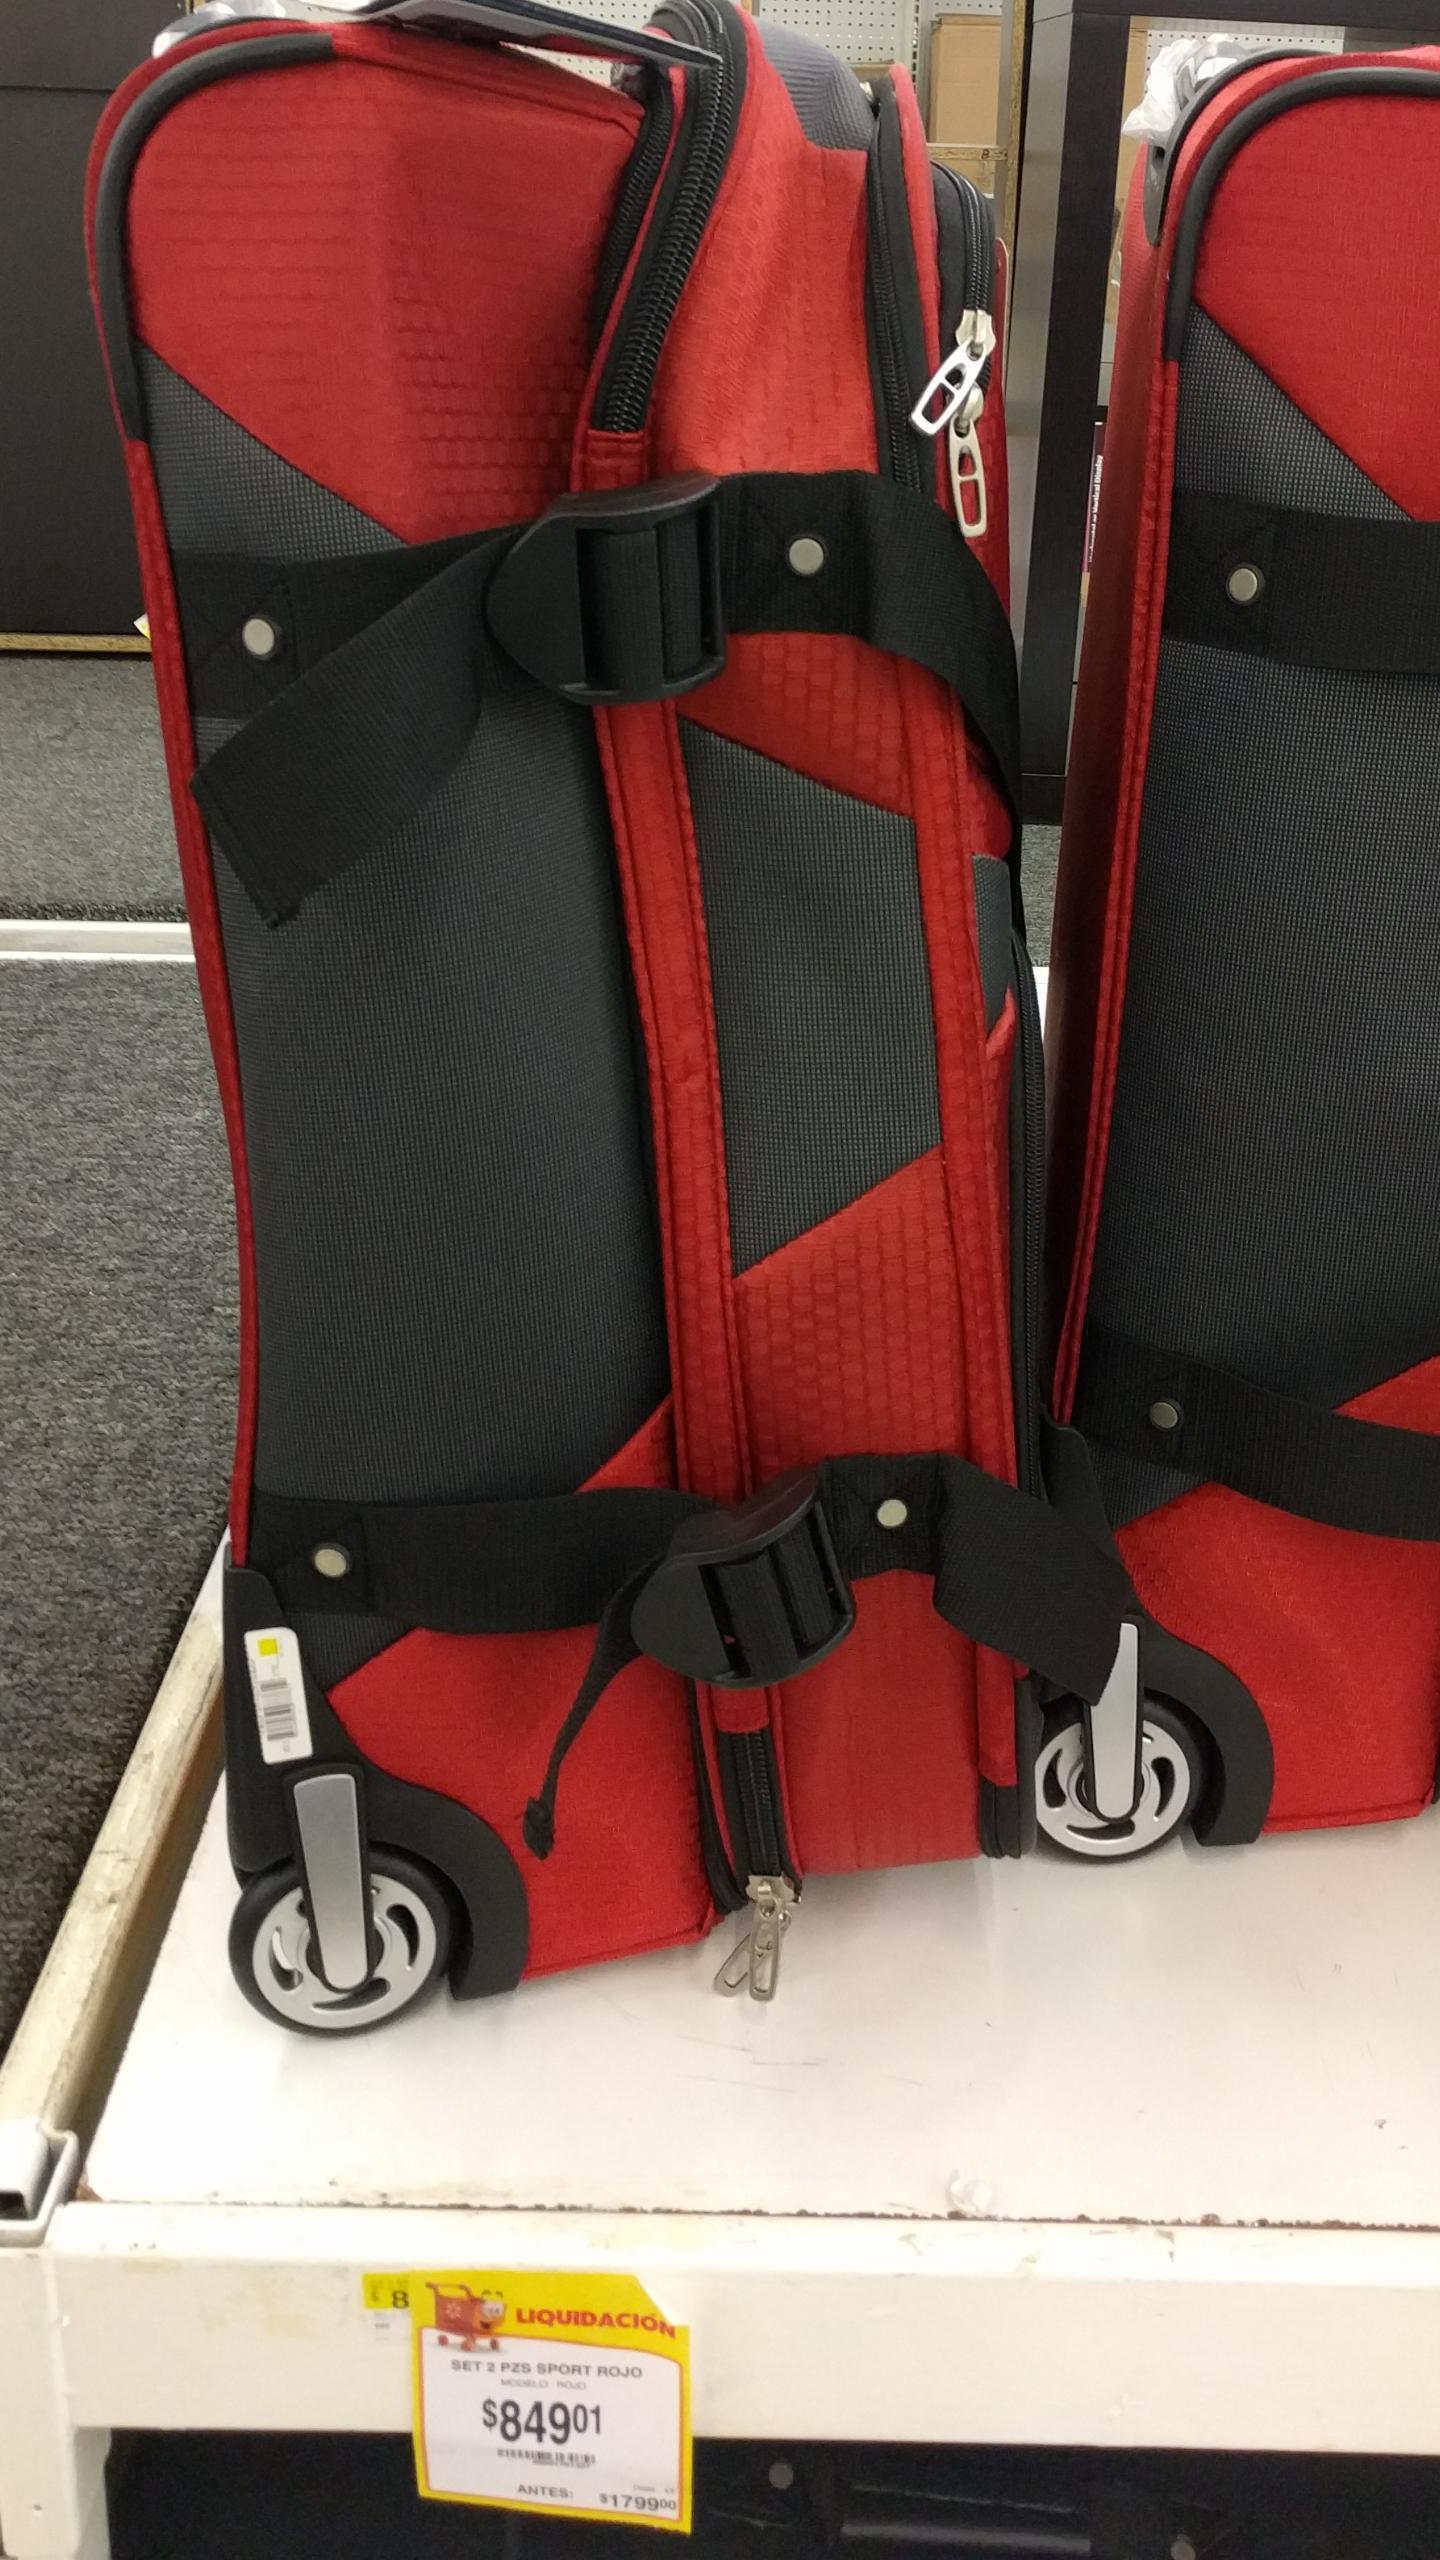 Walmart Culiacan: maleta viaje $849.01